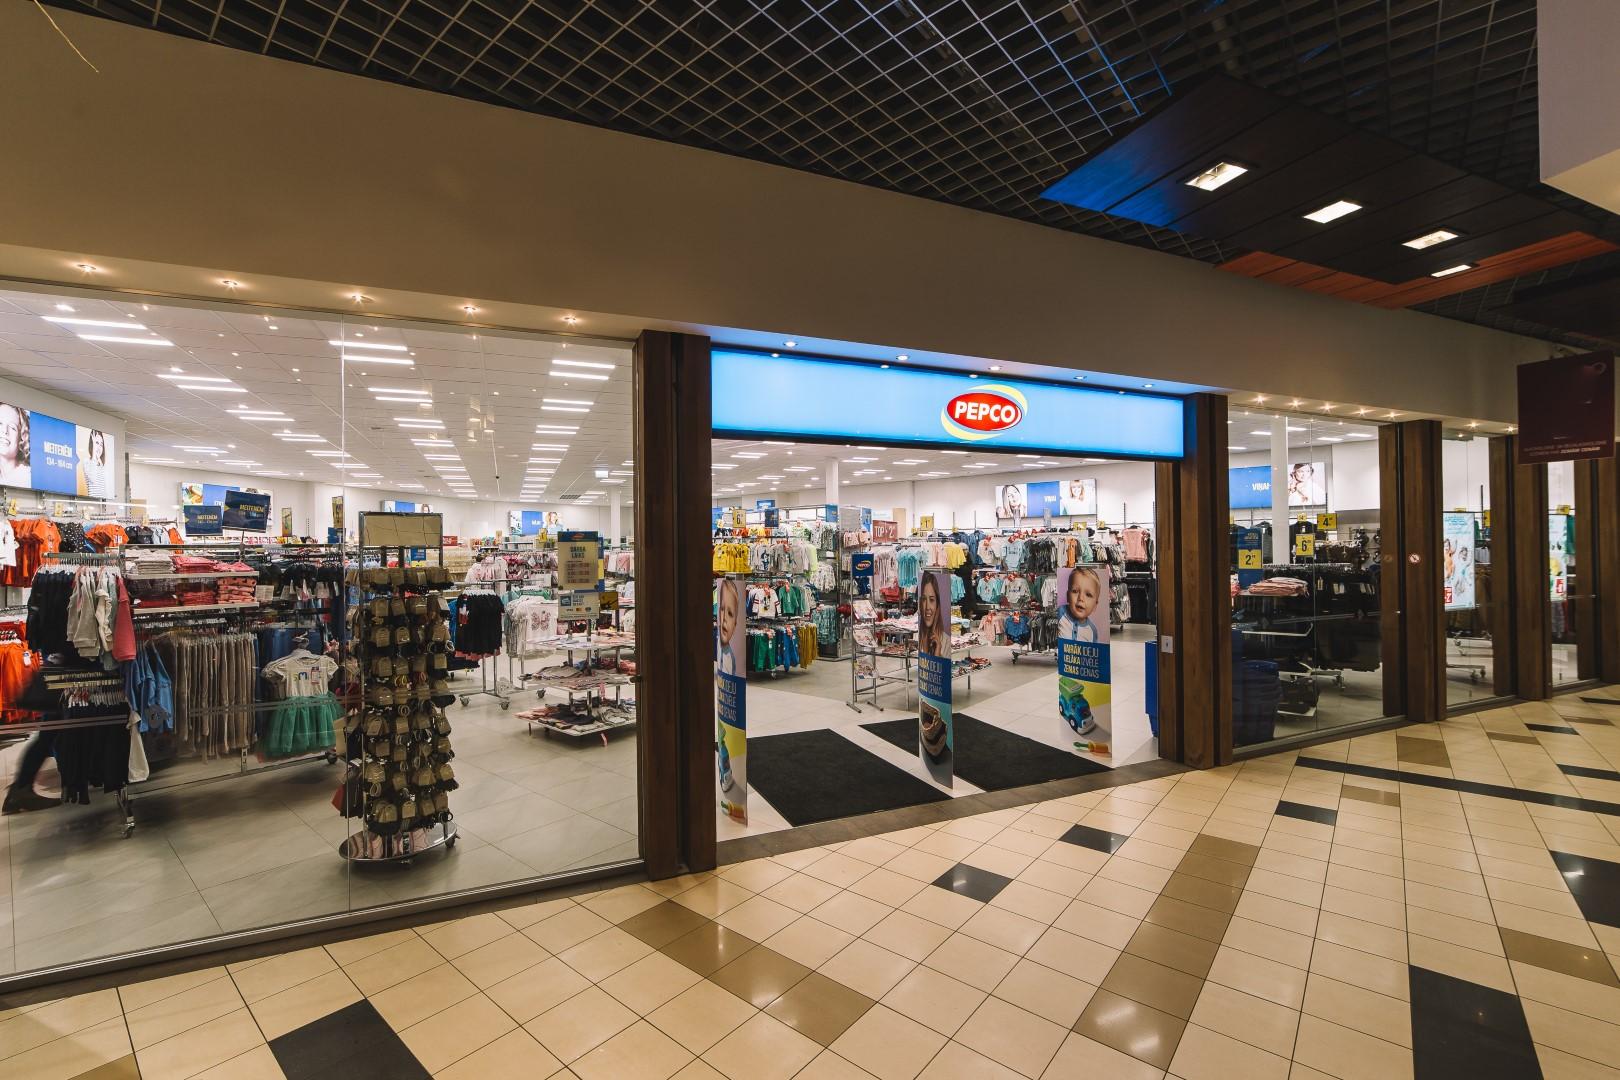 """Siguldā, TC """"Raibais Suns"""" atvērts Pepco veikals un fotostūrītis"""